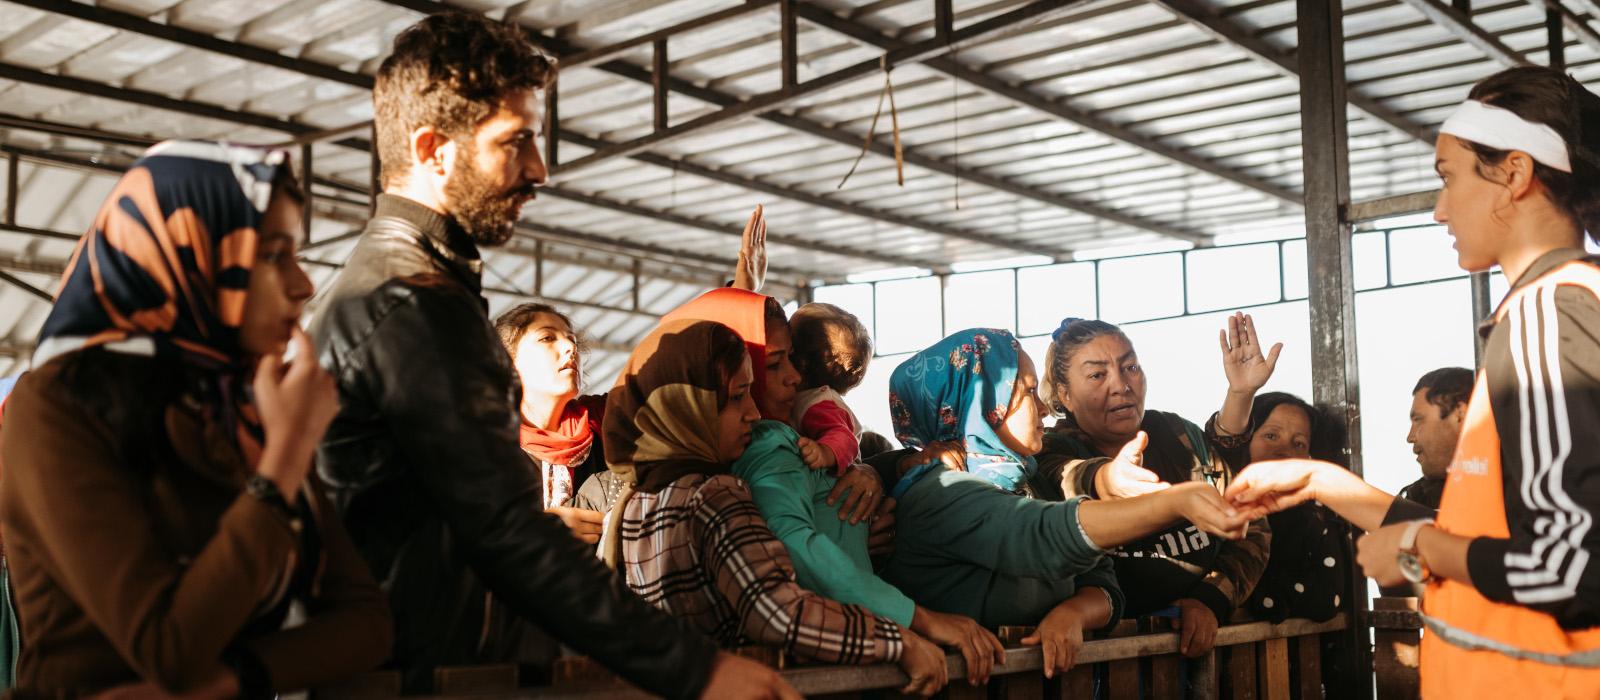 Voluntariado refugiados